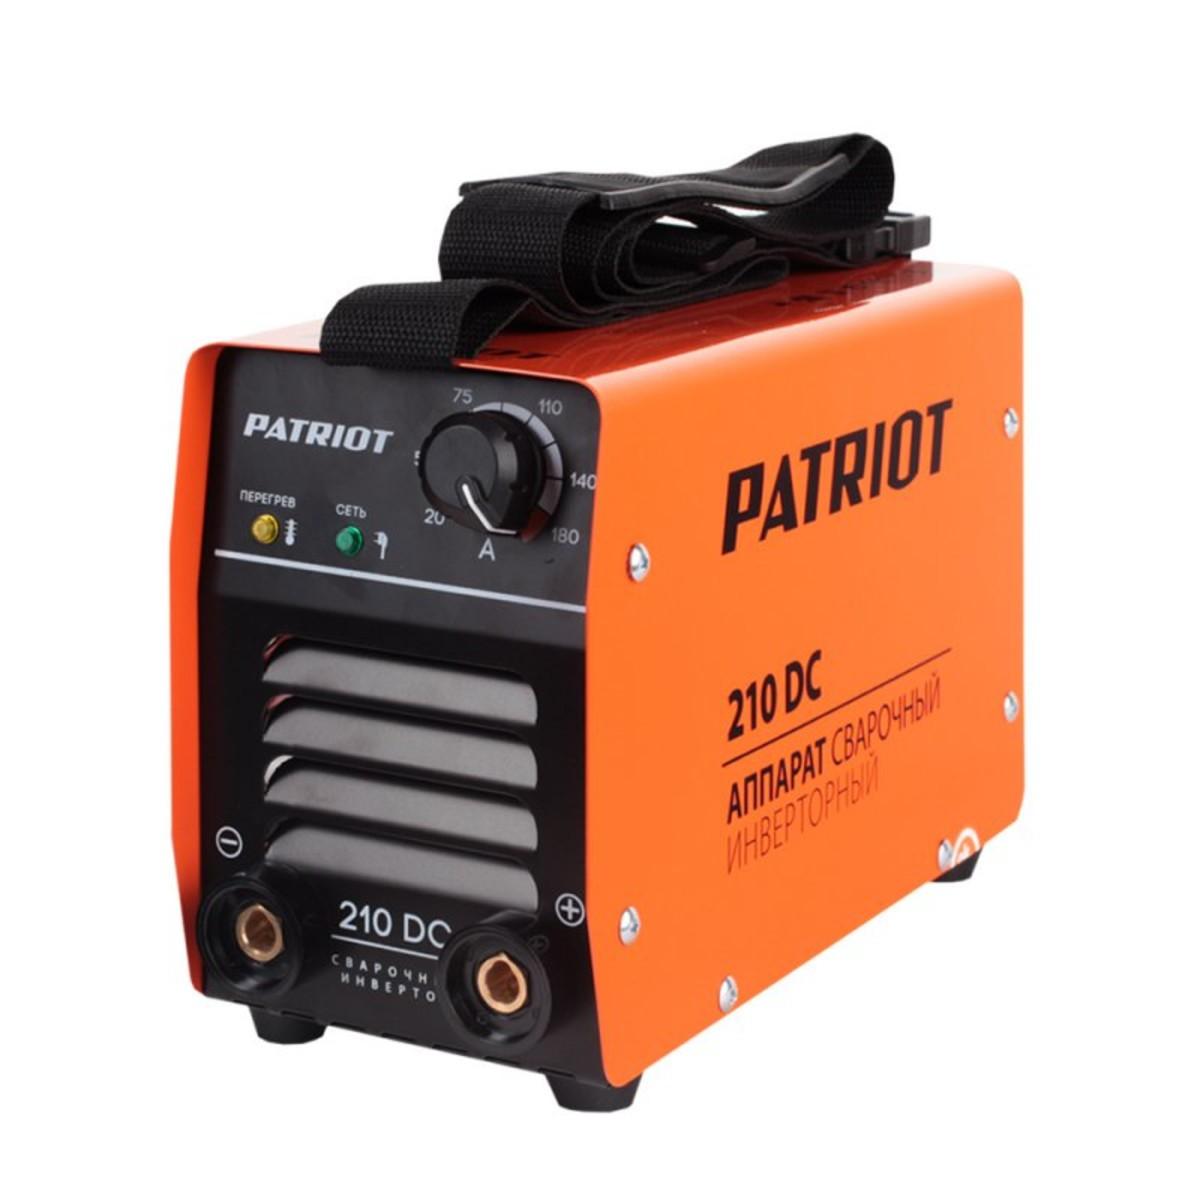 Дуговой Сварочный Инвертор Patriot 210dc Mma 605302518